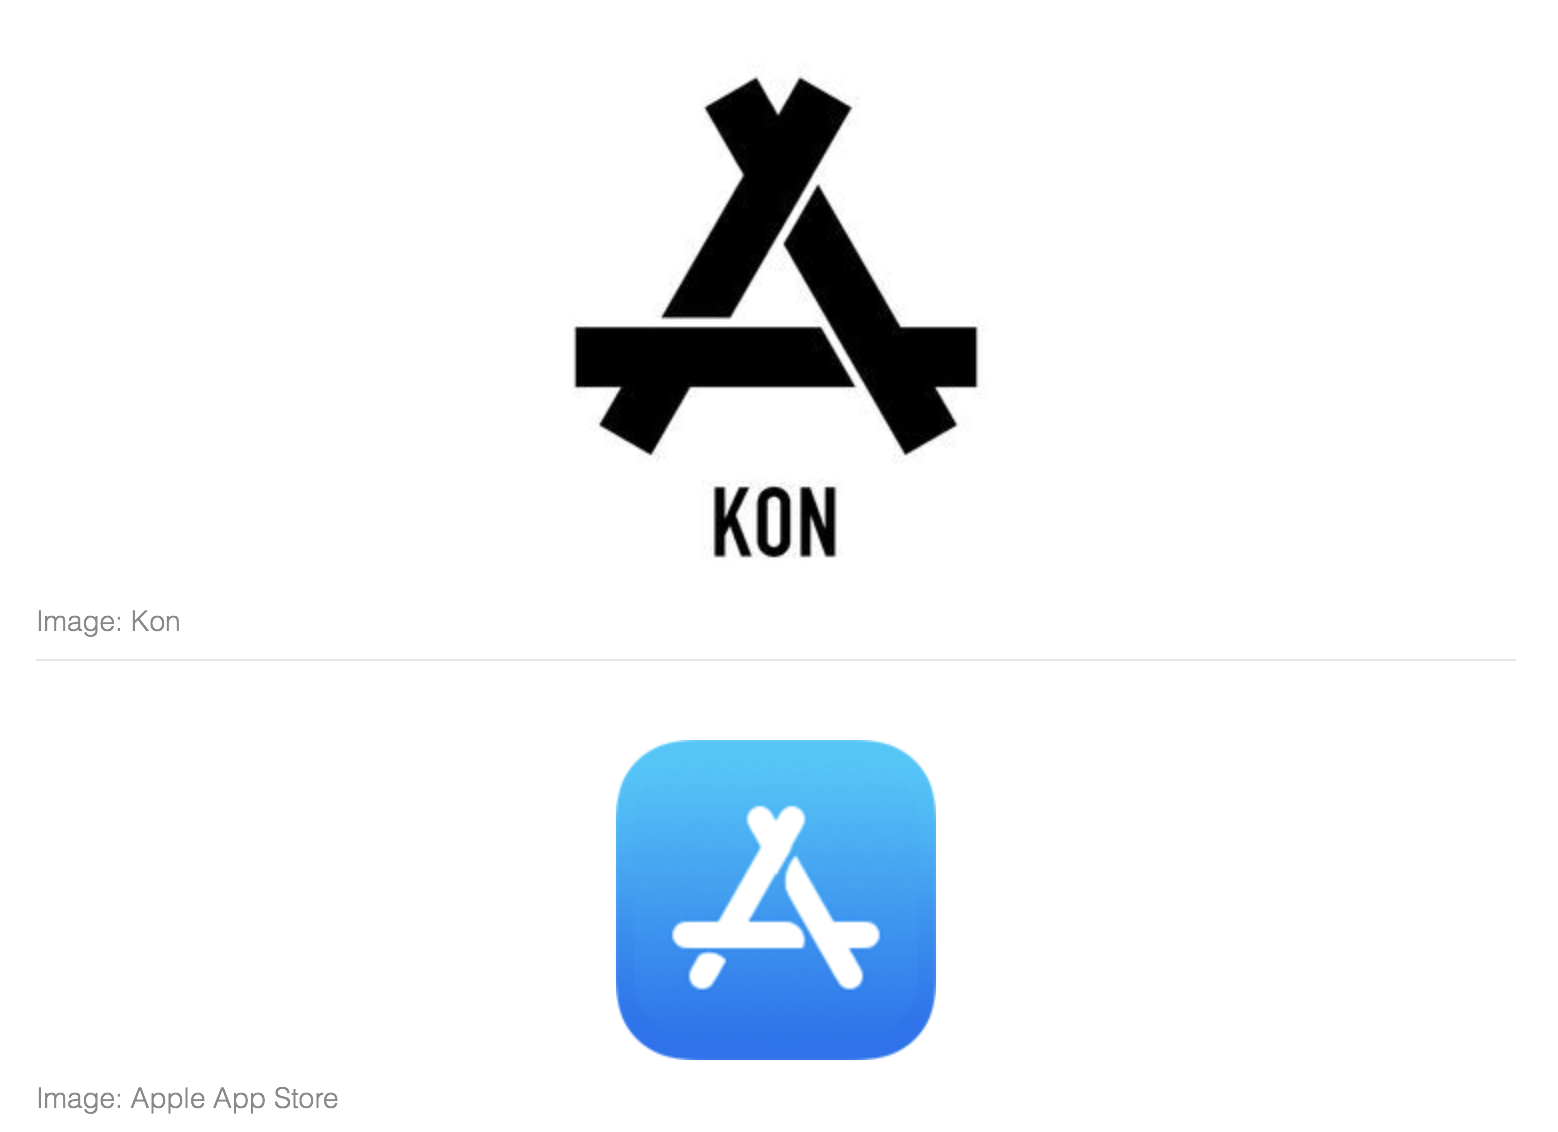 Китайский бренд подал в суд на Apple из-за логотипа